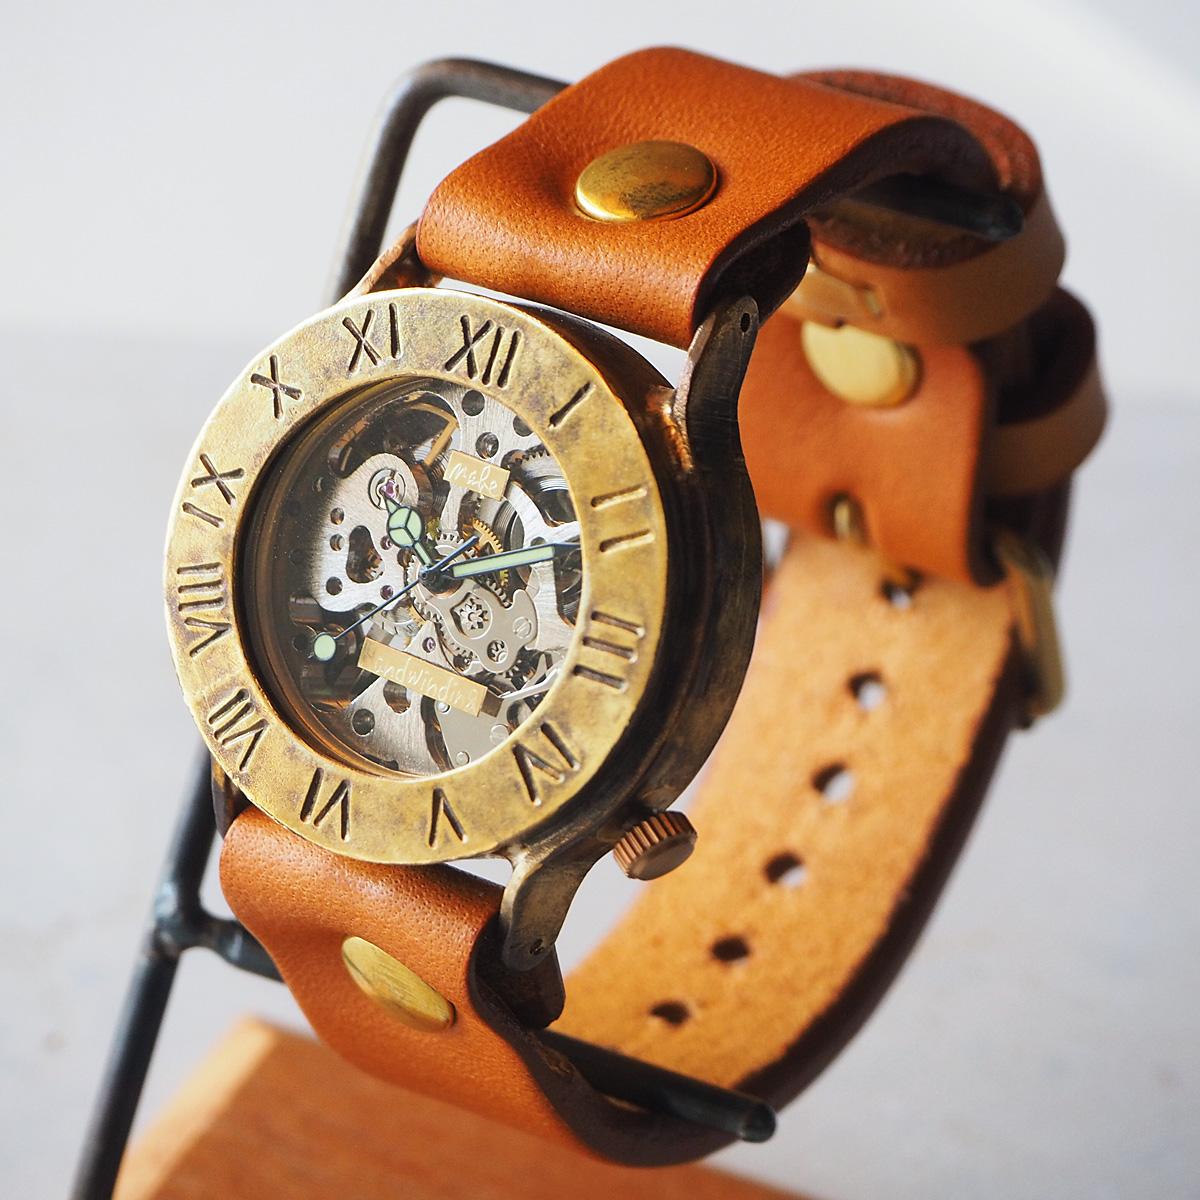 渡辺工房 手作り腕時計 手巻き式 裏スケルトン ローマ数字 36mm [NW-BHW058B]